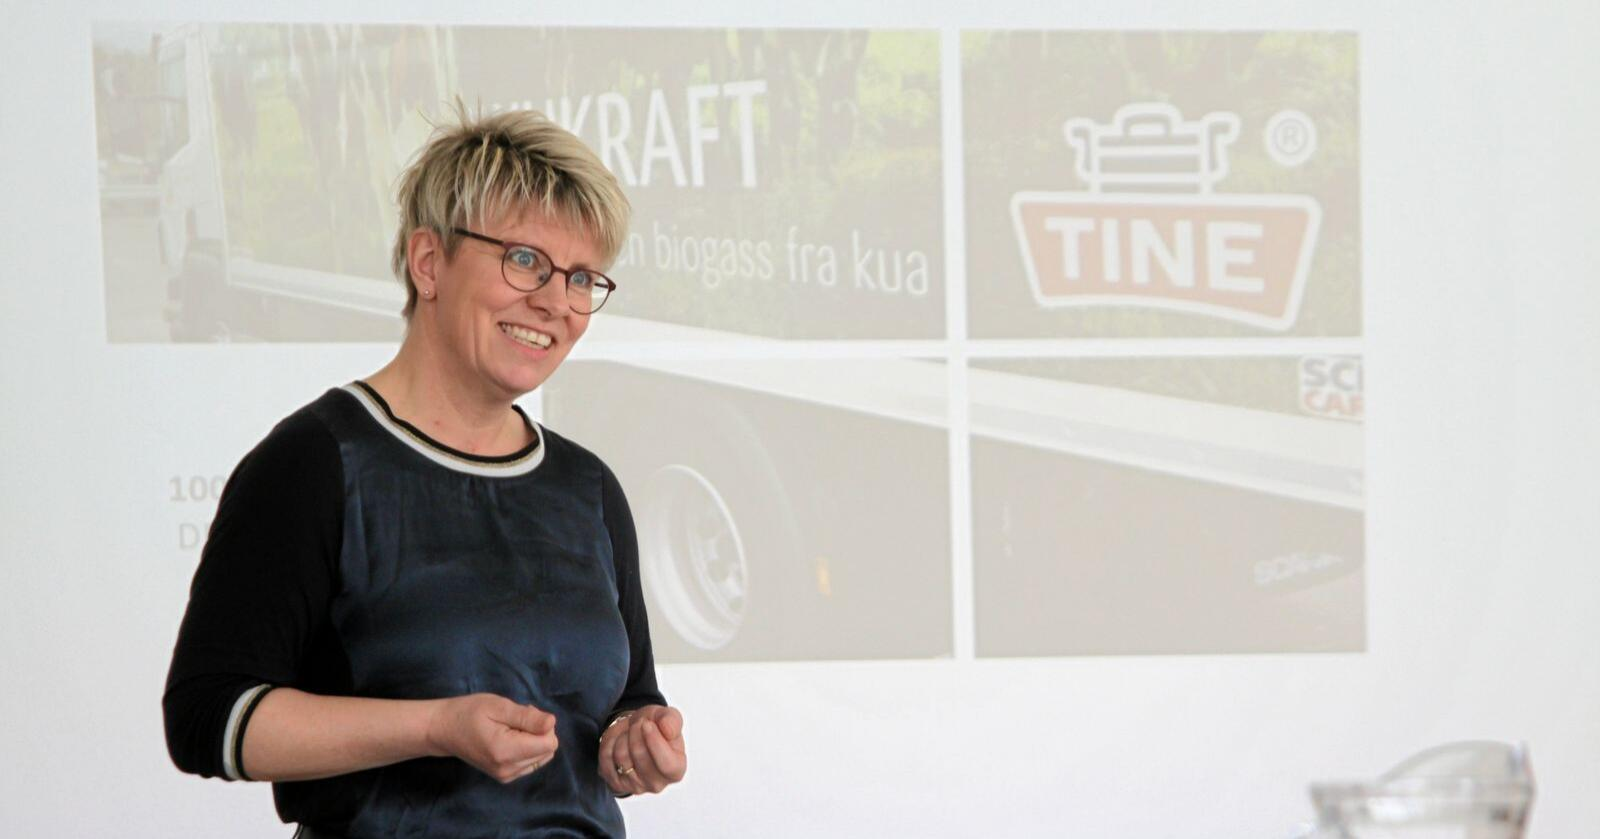 Marit Haugen er styreleder i Tine, som representerer tusenvis av melkebønder i Norge. Foto: Janne Grete Aspen